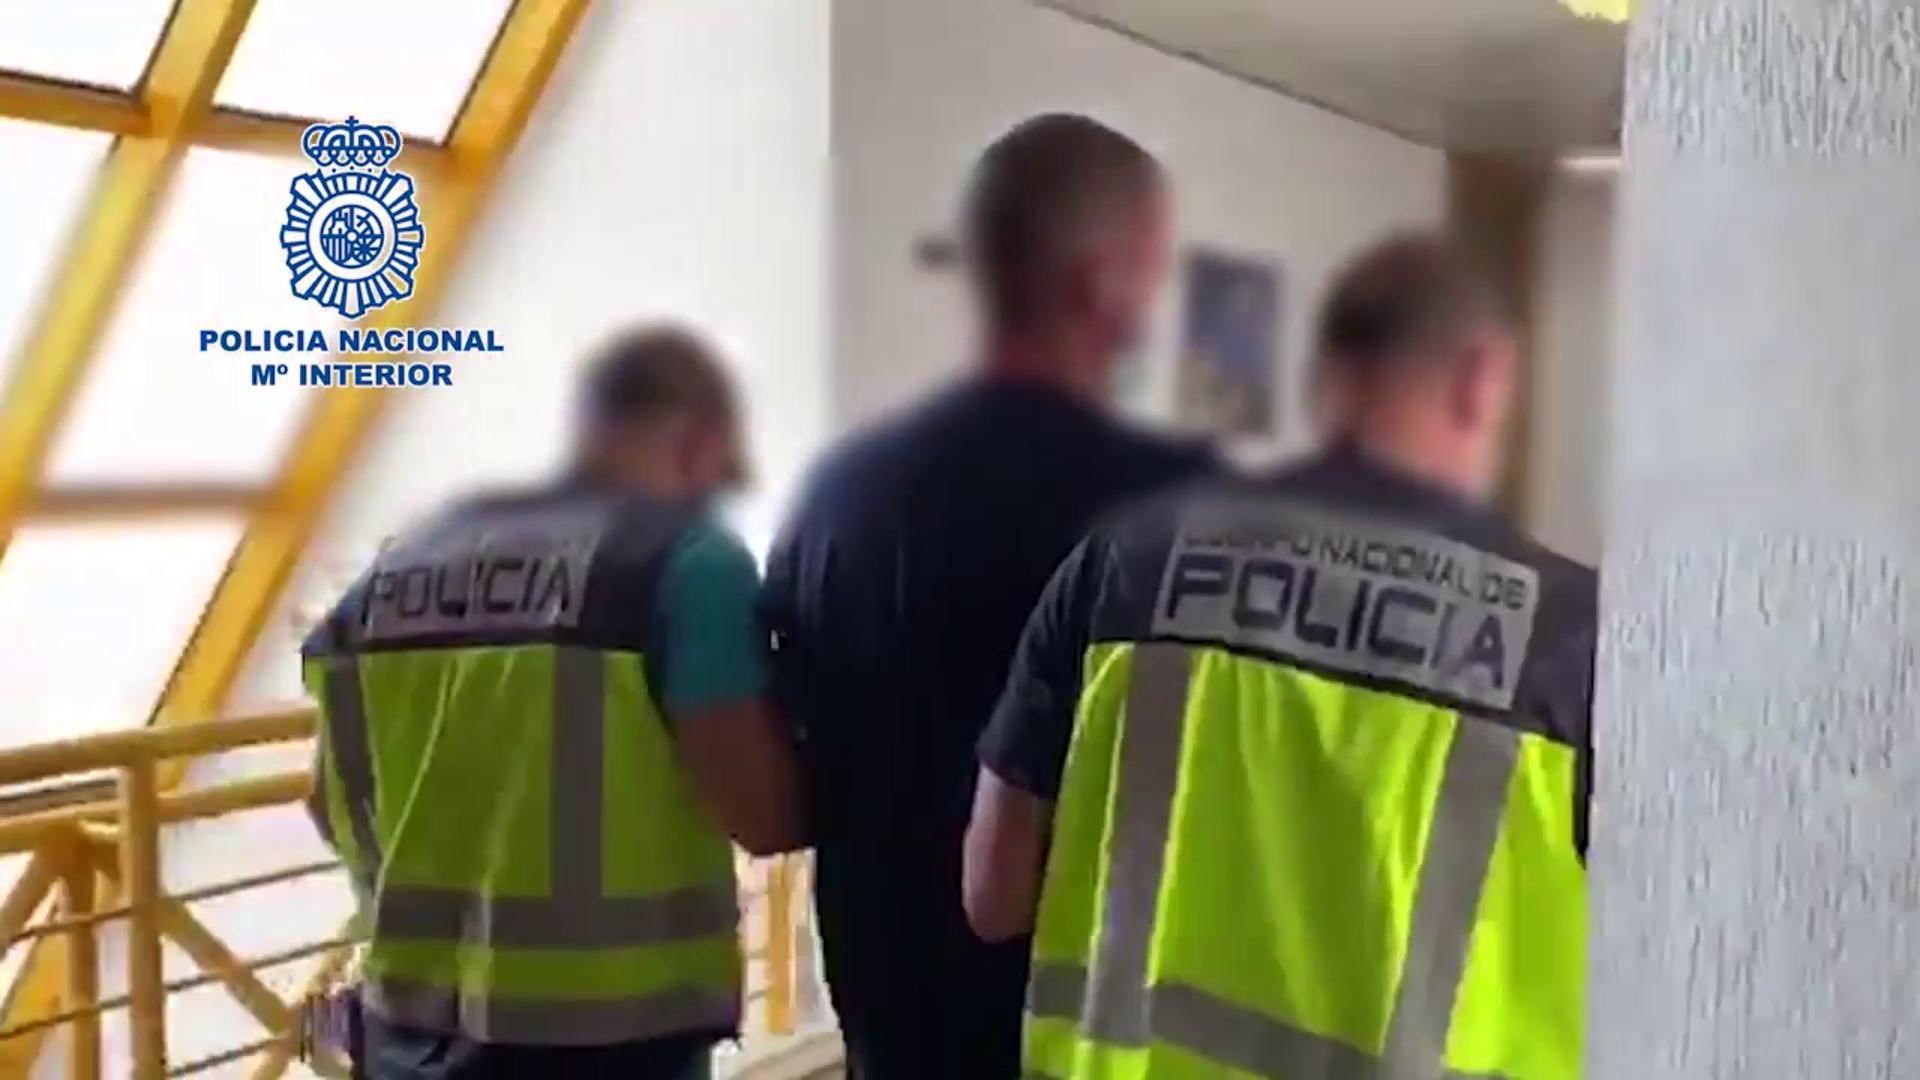 Detenido en Fuengirola un hombre buscado por asesinar a joven en Reino Unido